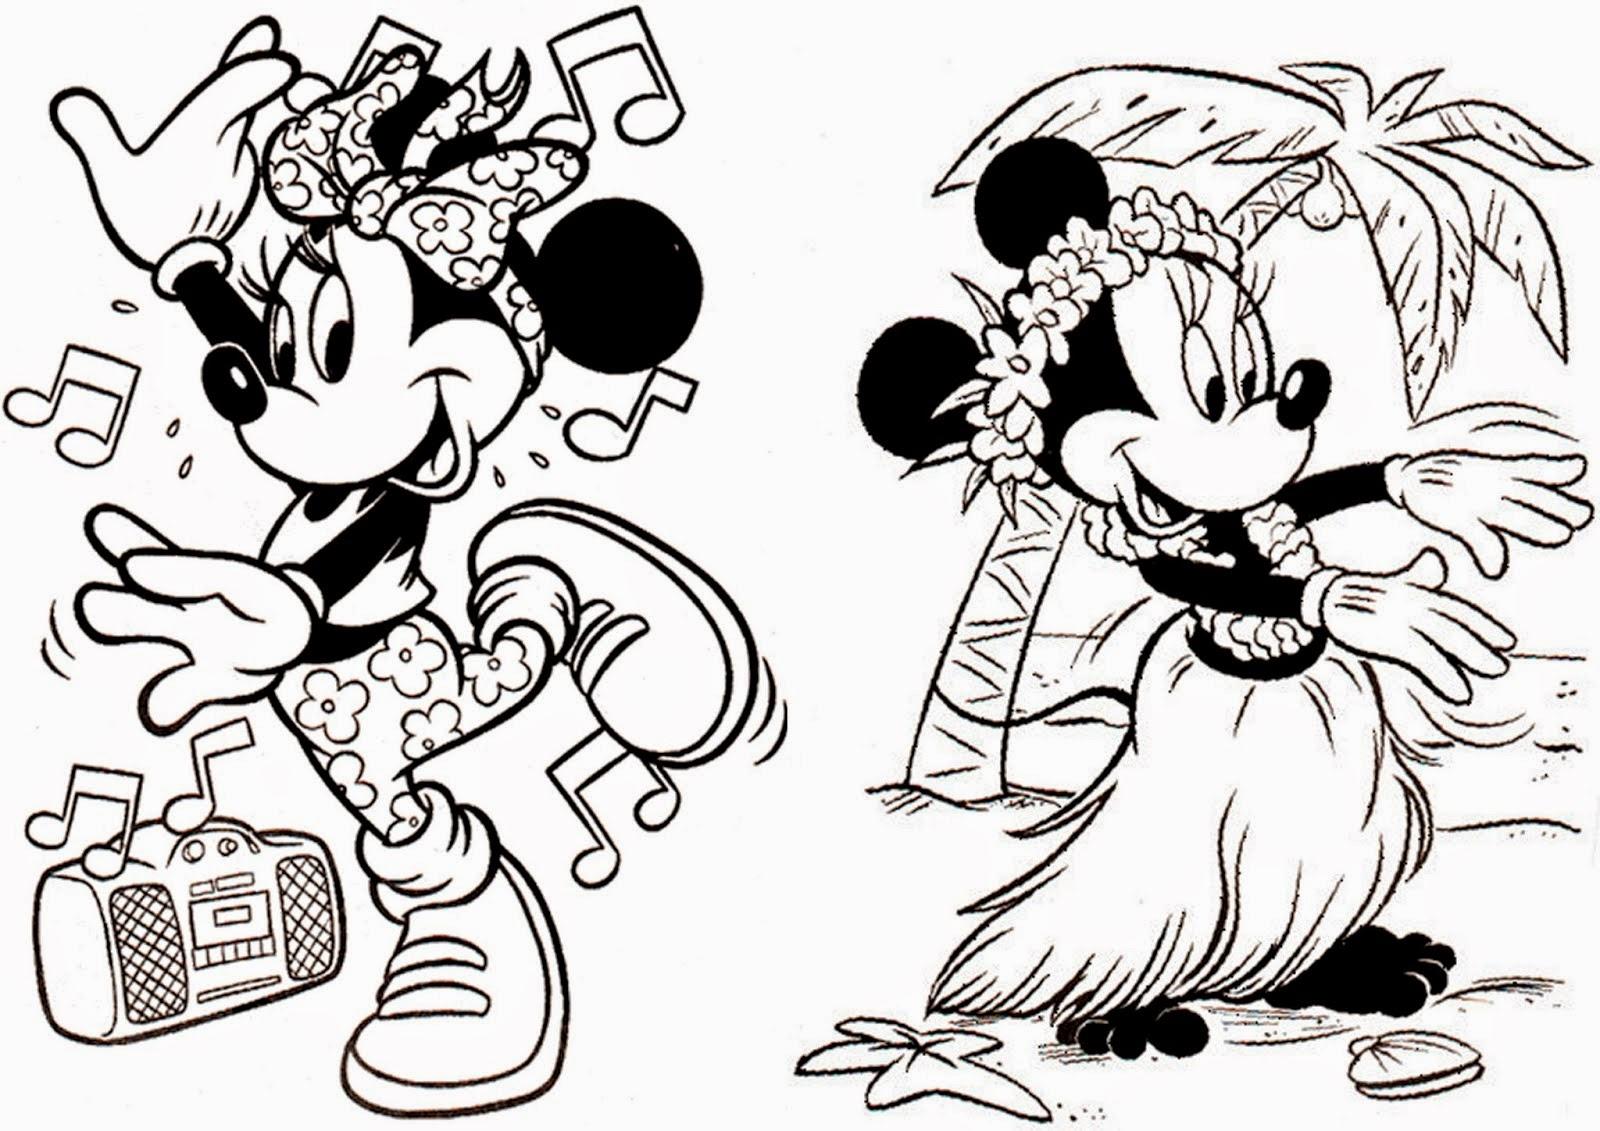 Sus Dibujos Favoritos De Disney Y Píxar Ahora Se Pueden Pintar: Minnie Para Colorir E Pintar 5